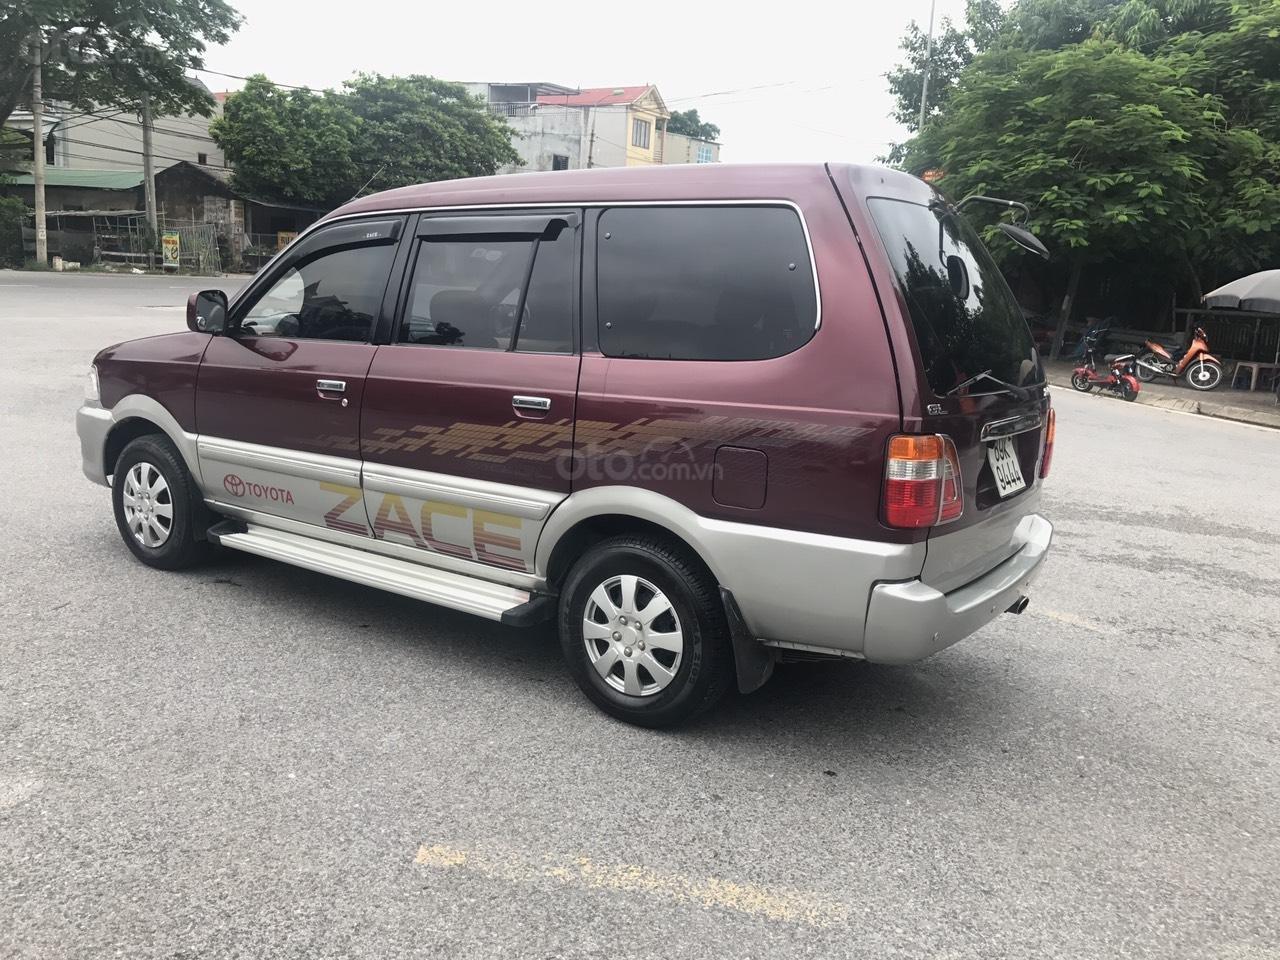 Toyota Zace GL cuối 2004, màu đỏ, chính 1 chủ biển 4 số sử dụng từ mới, nói không với lỗi nhỏ, mới nhất Việt Nam (3)